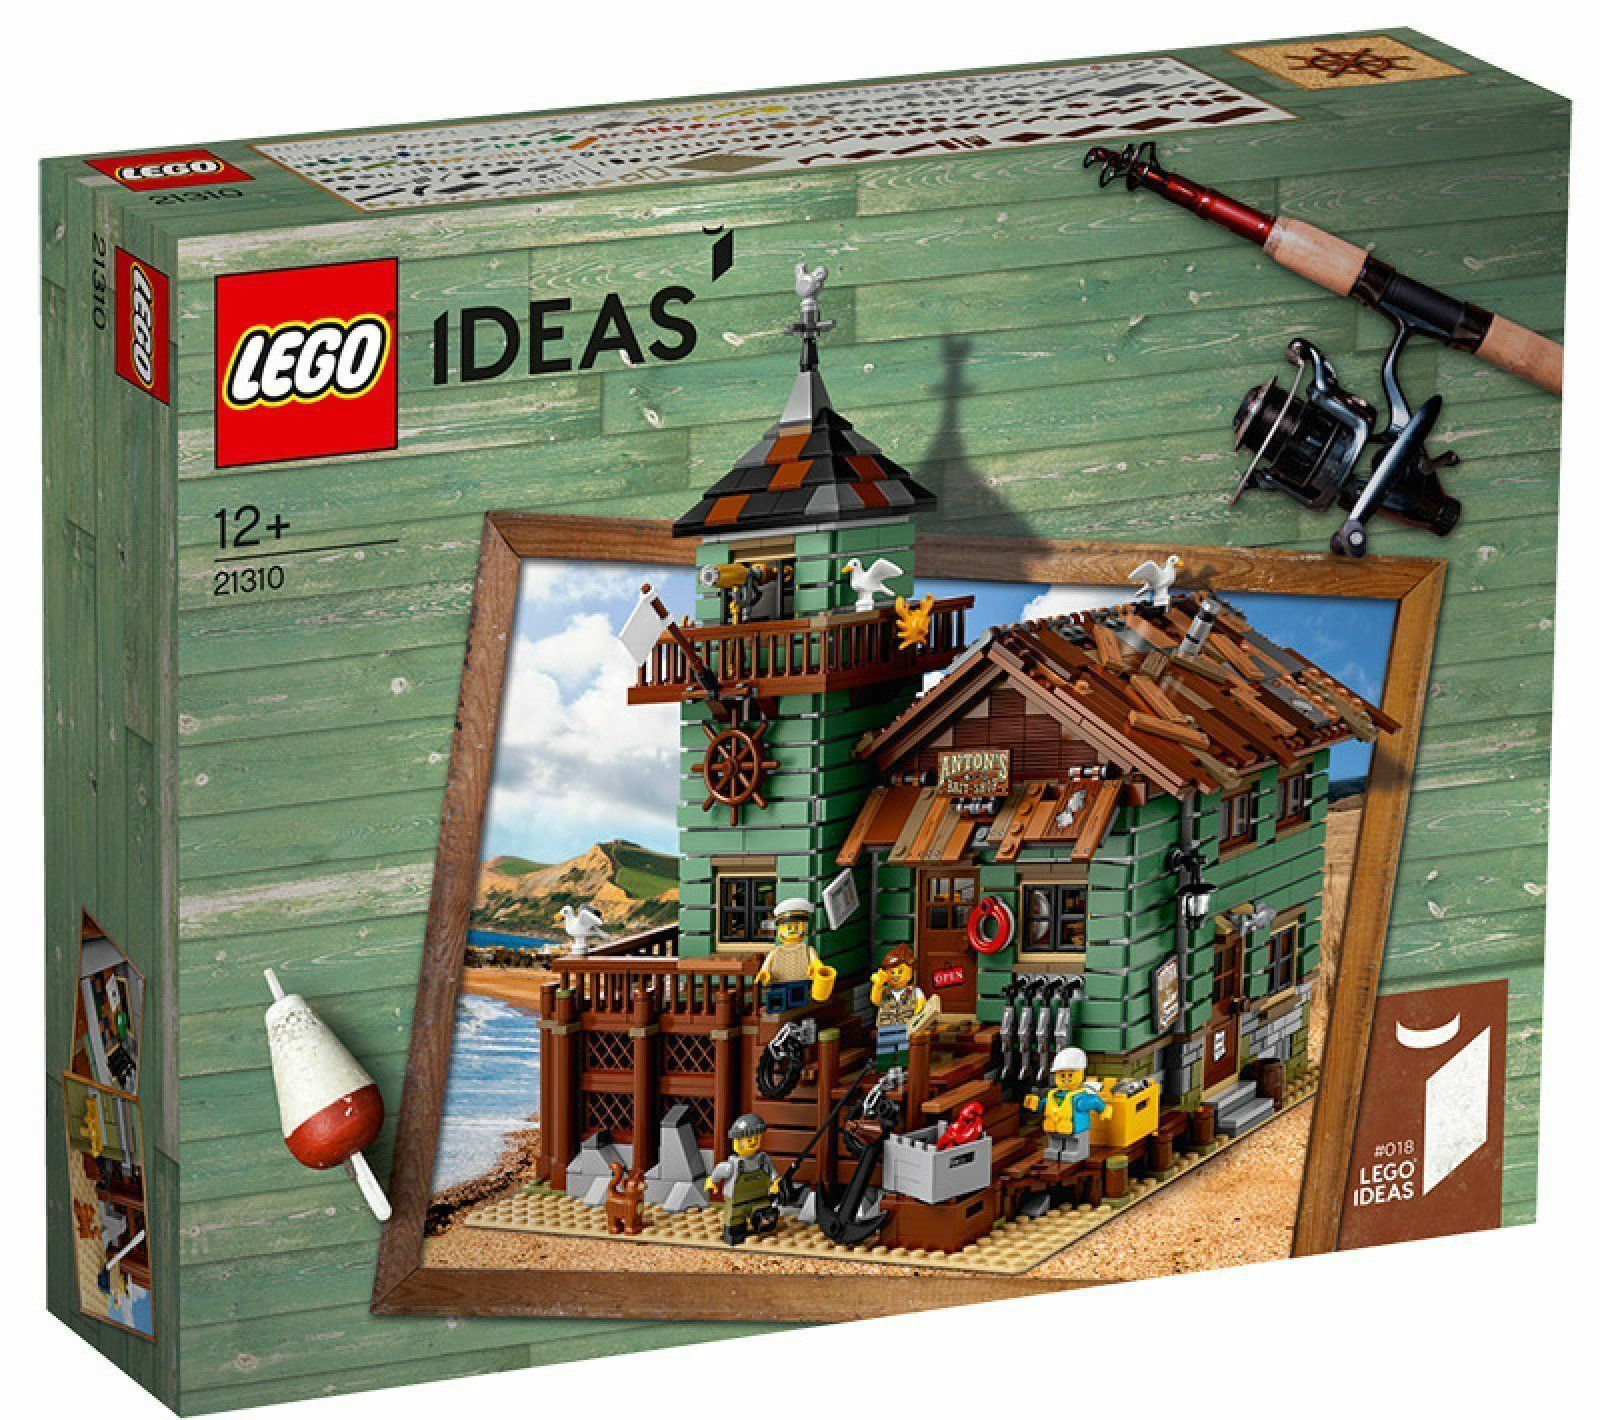 LEGO IDEAS 21310 Alter Angelladen NEW SEALED